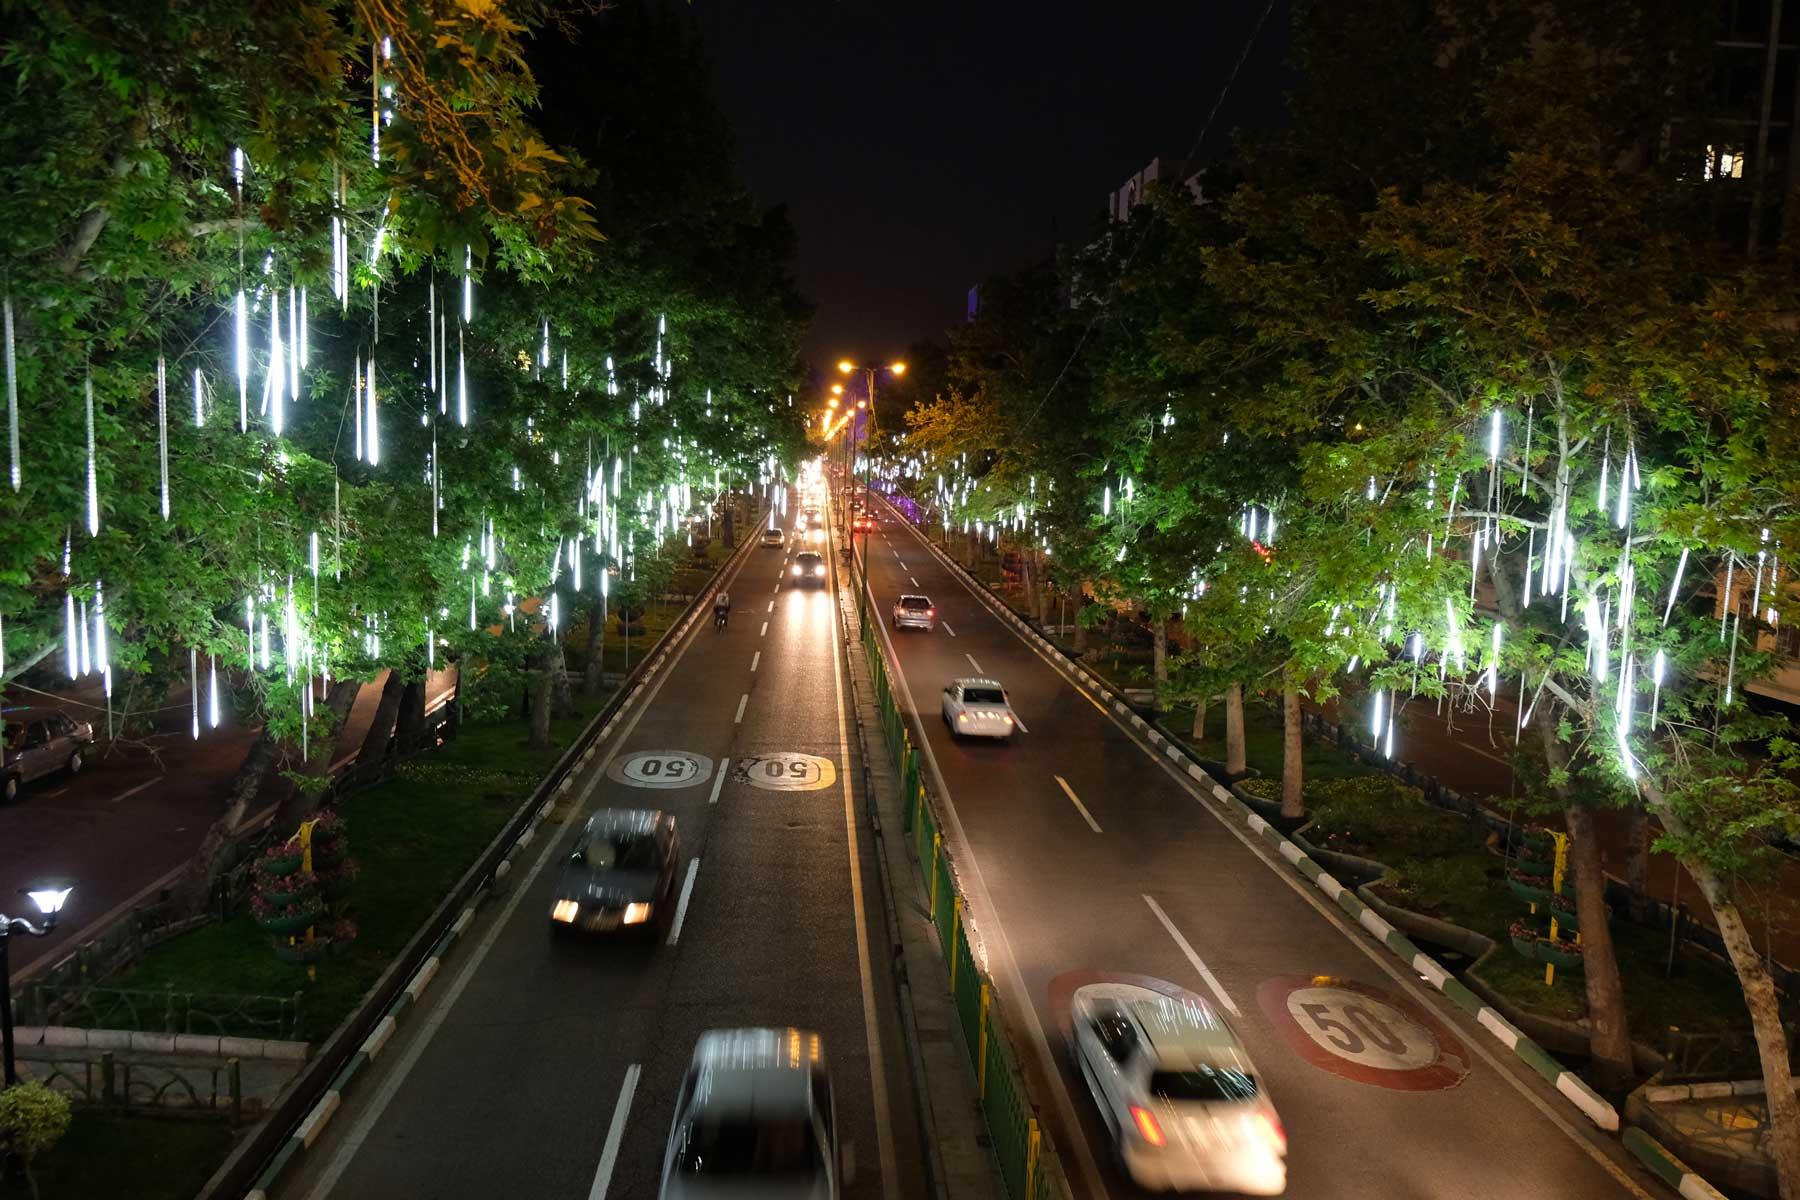 Schnellstraße, die durch beleuchtete Bäume gesäumt ist